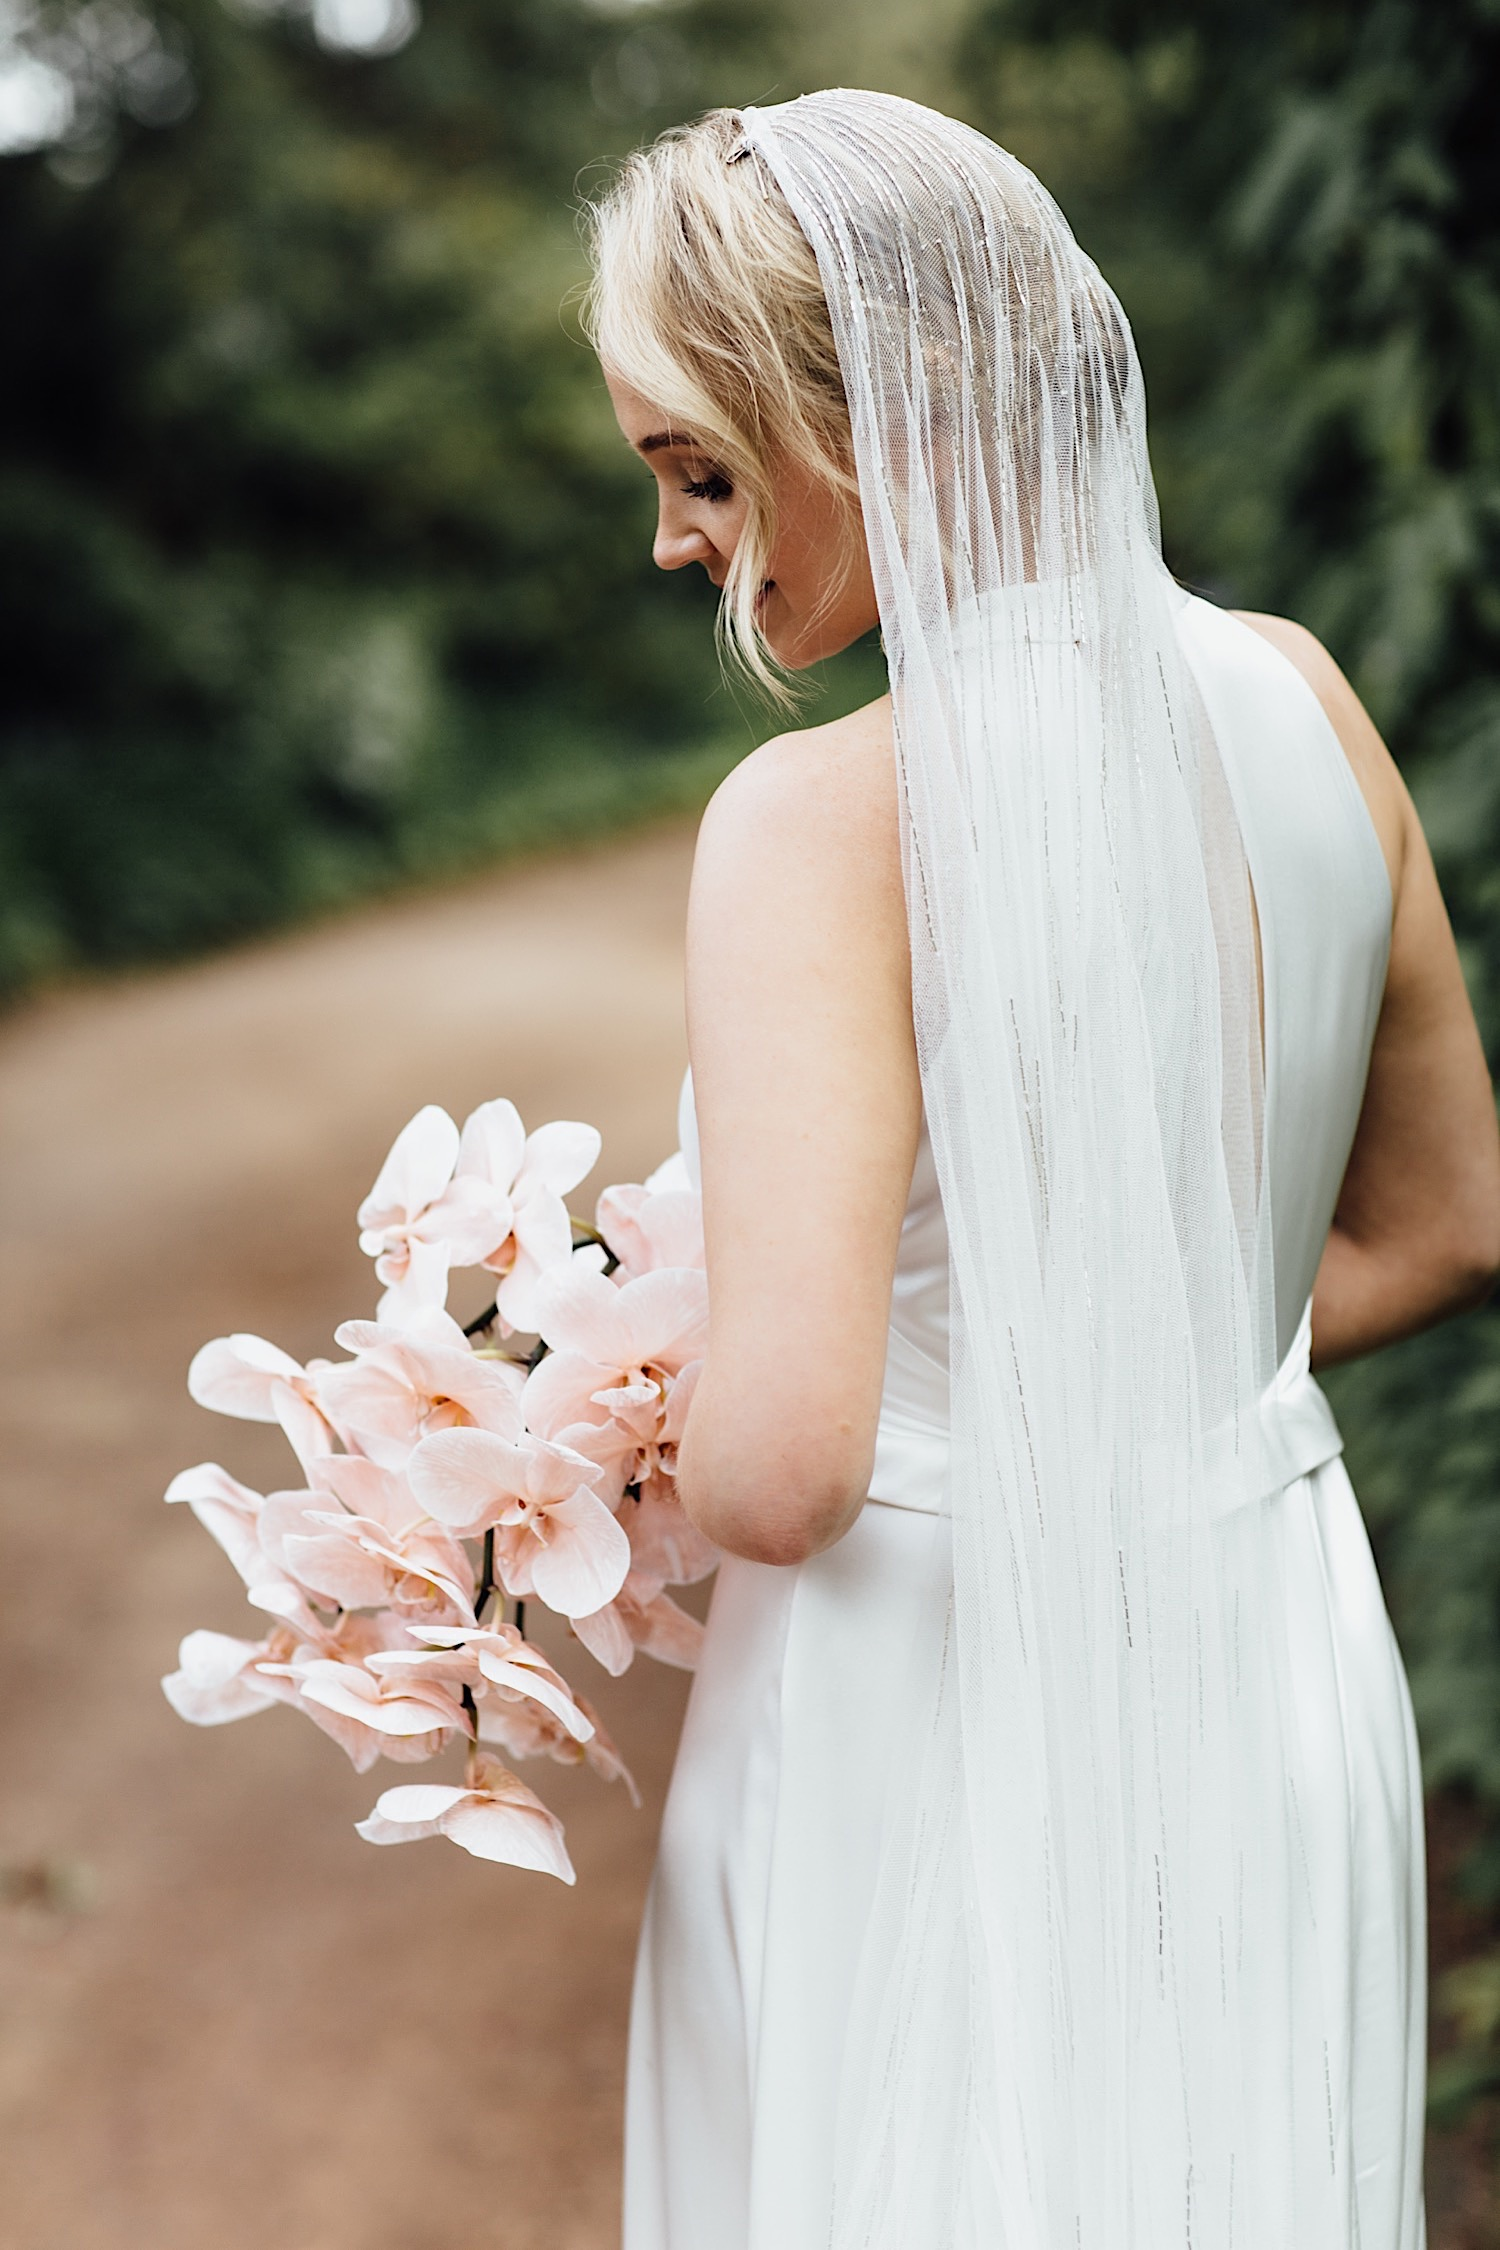 Bride at Arafel Park wedding